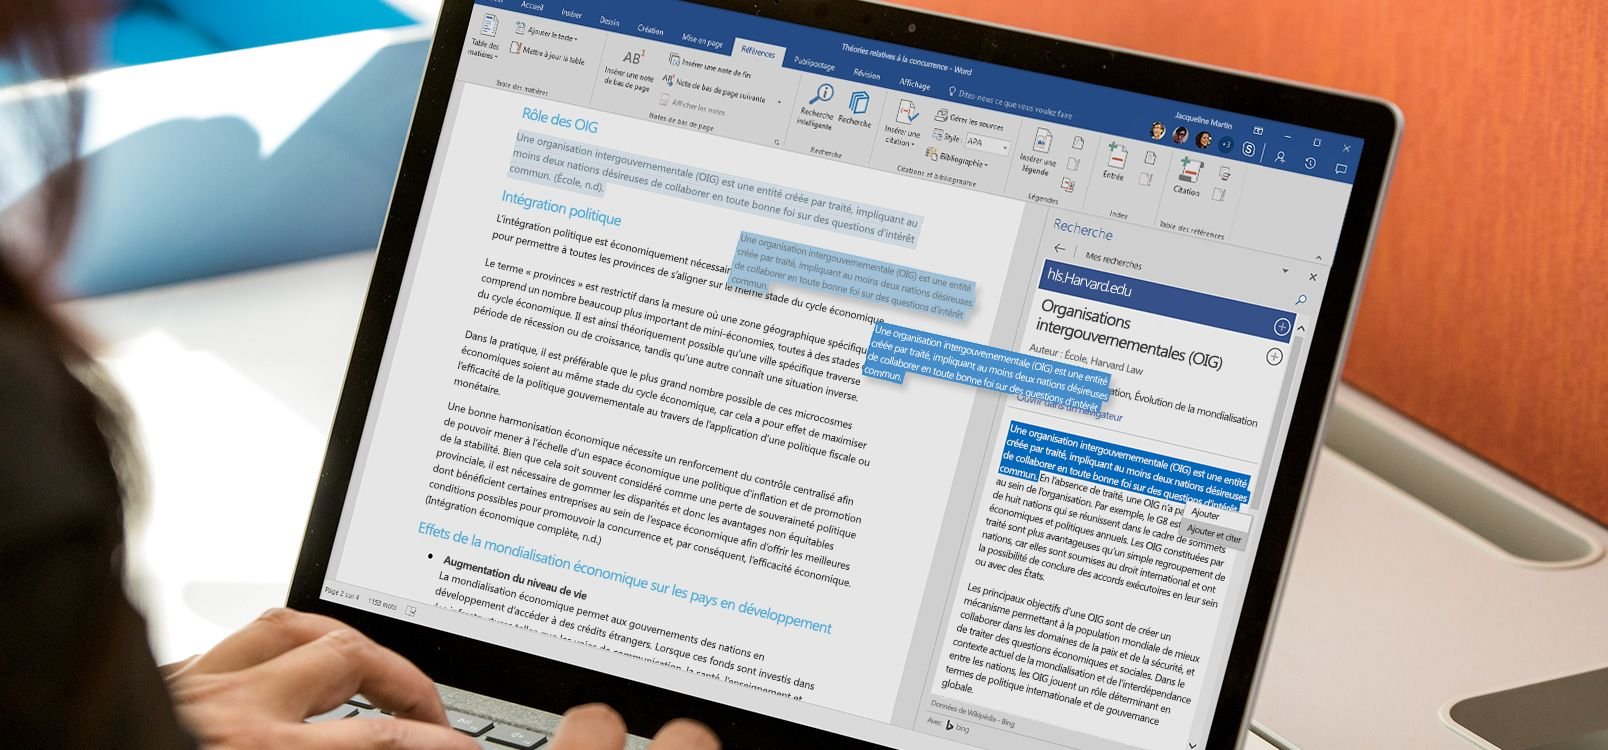 Écran d'ordinateur portable affichant un document Word utilisant la fonctionnalité Recherche